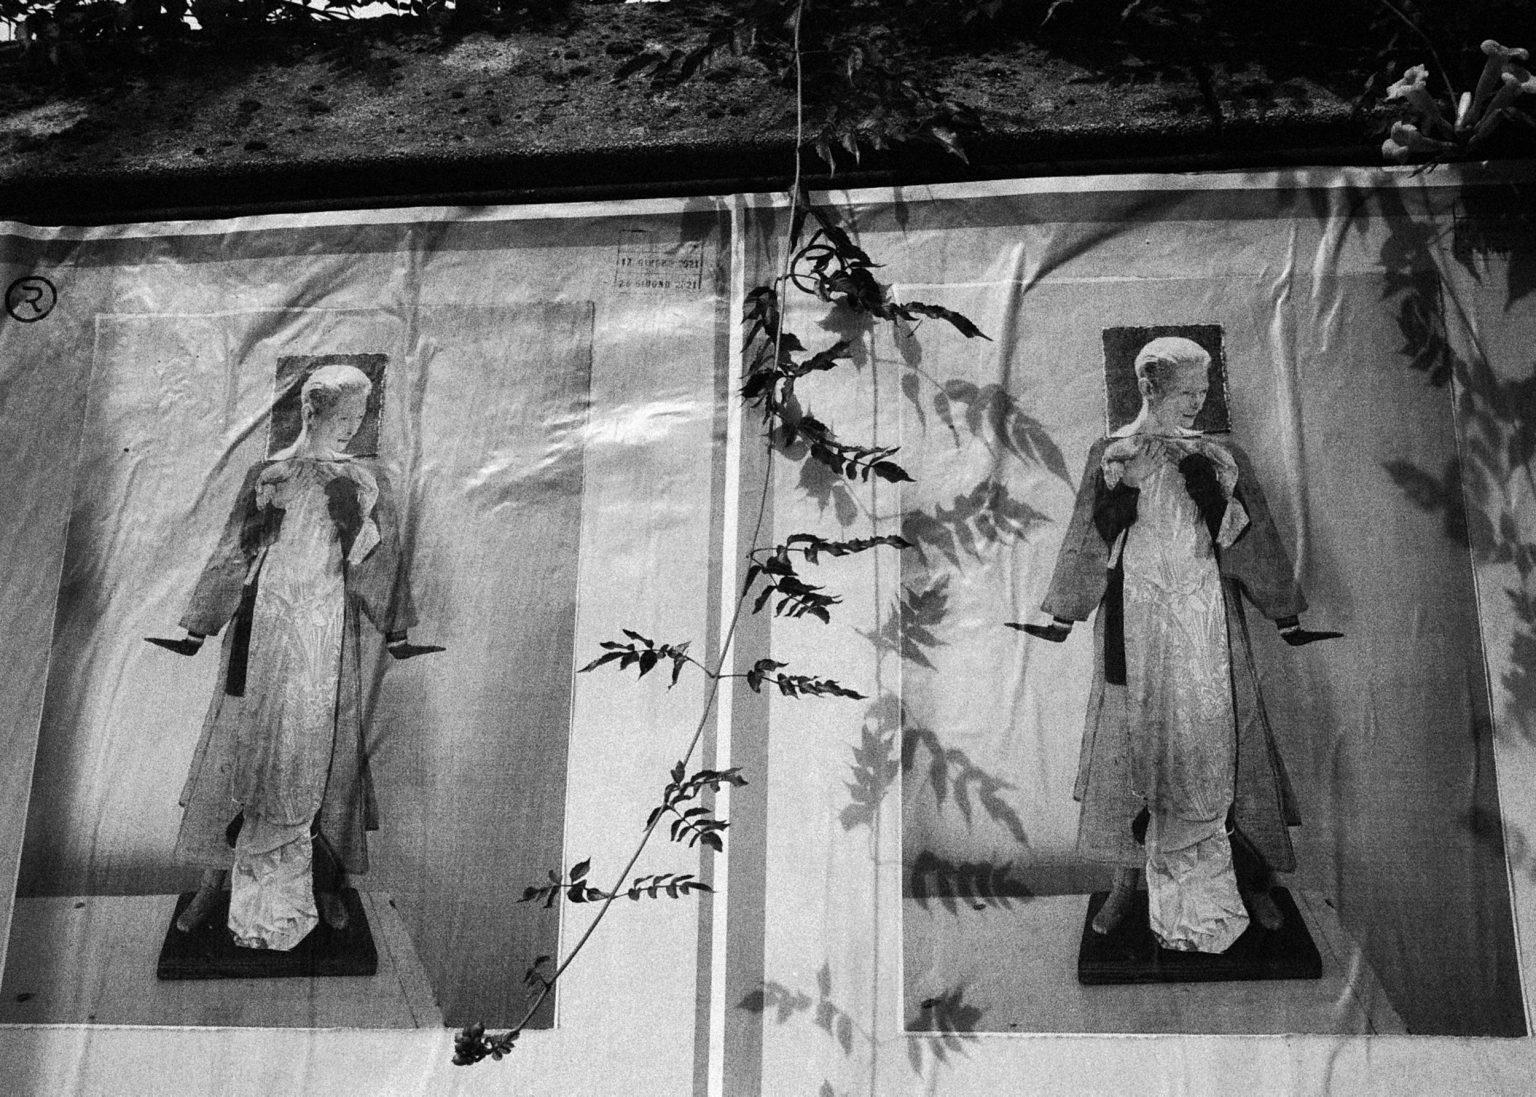 """Rome, 2020- """"Rome Diary"""" ( Rome 2007-2020)  is a long-term research that documents the city of Rome through stories of places and people. An investigation into different worlds, in a society where relationships, loneliness, abuse, love, nightlife, music and artists are explored, and finally the relationship between people and the city. A man on a bus. .>< Rome, 2020 -Rome Diary Rome (2007-2020) è una ricerca a lungo termine che documenta la città di Roma attraverso storie di luoghi e  di persone. Un'indagine in mondi diversi, in una società in cui si esplorano le relazioni, la solitudine, gli abusi, l'amore, la vita notturna , la musica e gli artisti, ed infine il rapporto tra persone e città. Un uomo su un bus."""